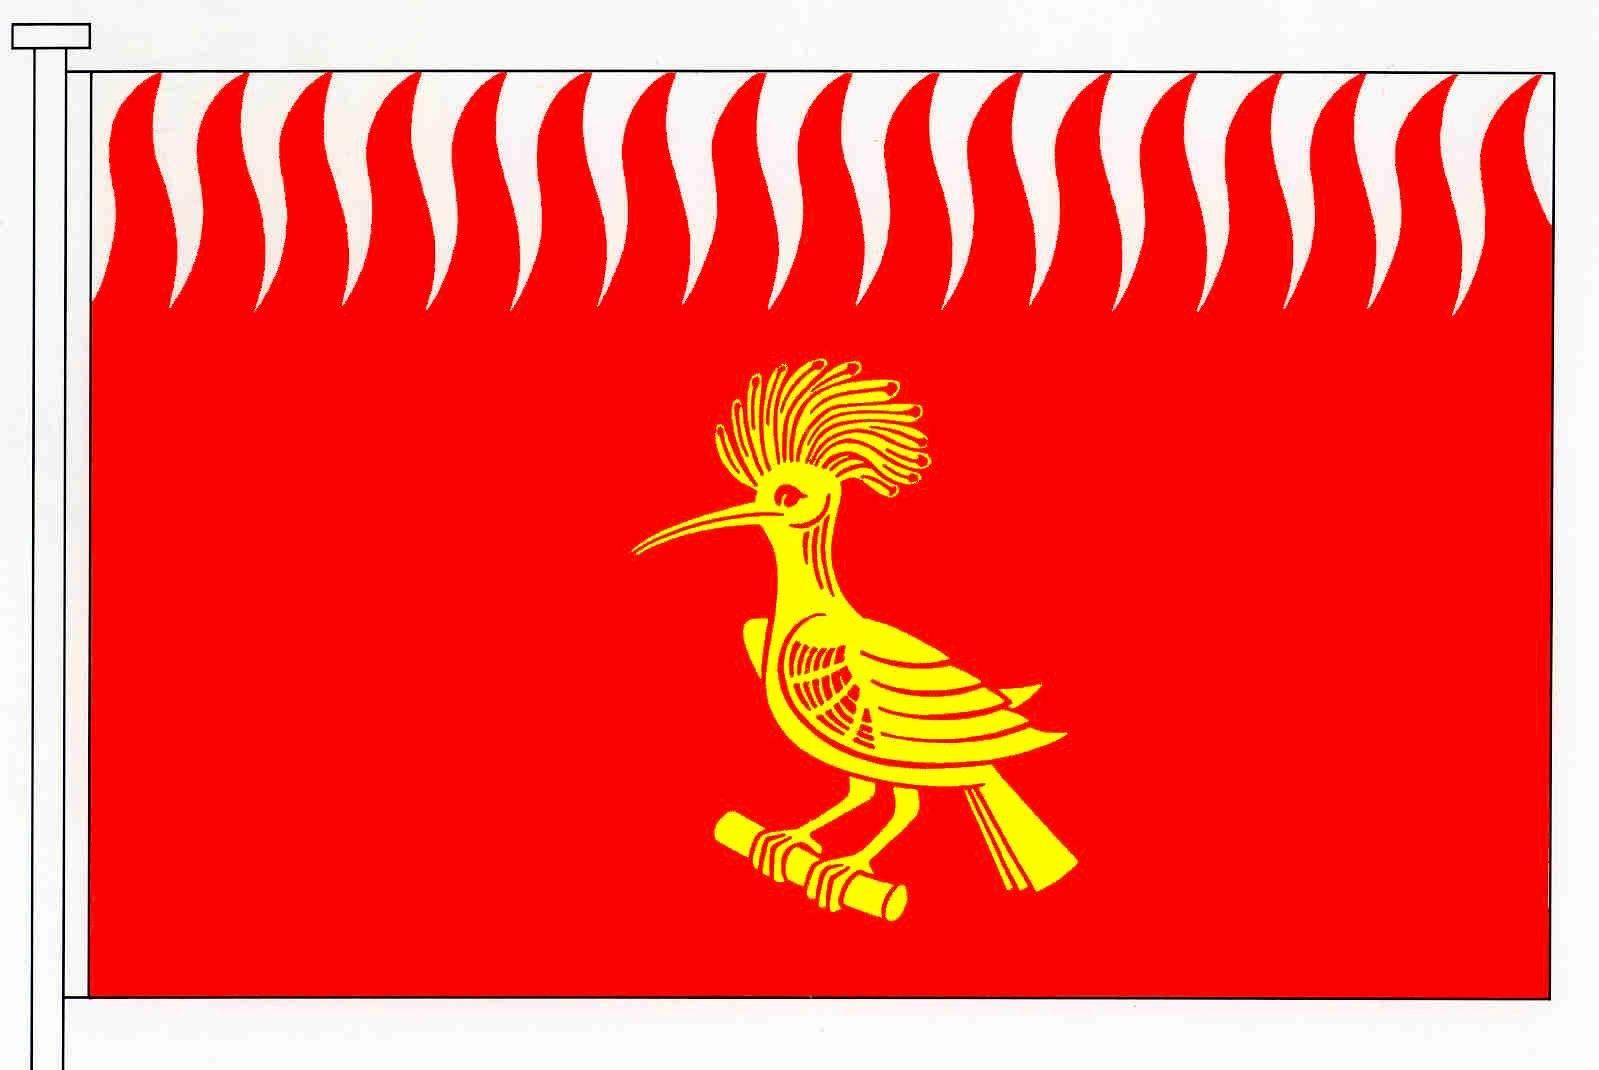 Flagge GemeindeArmstedt, Kreis Segeberg